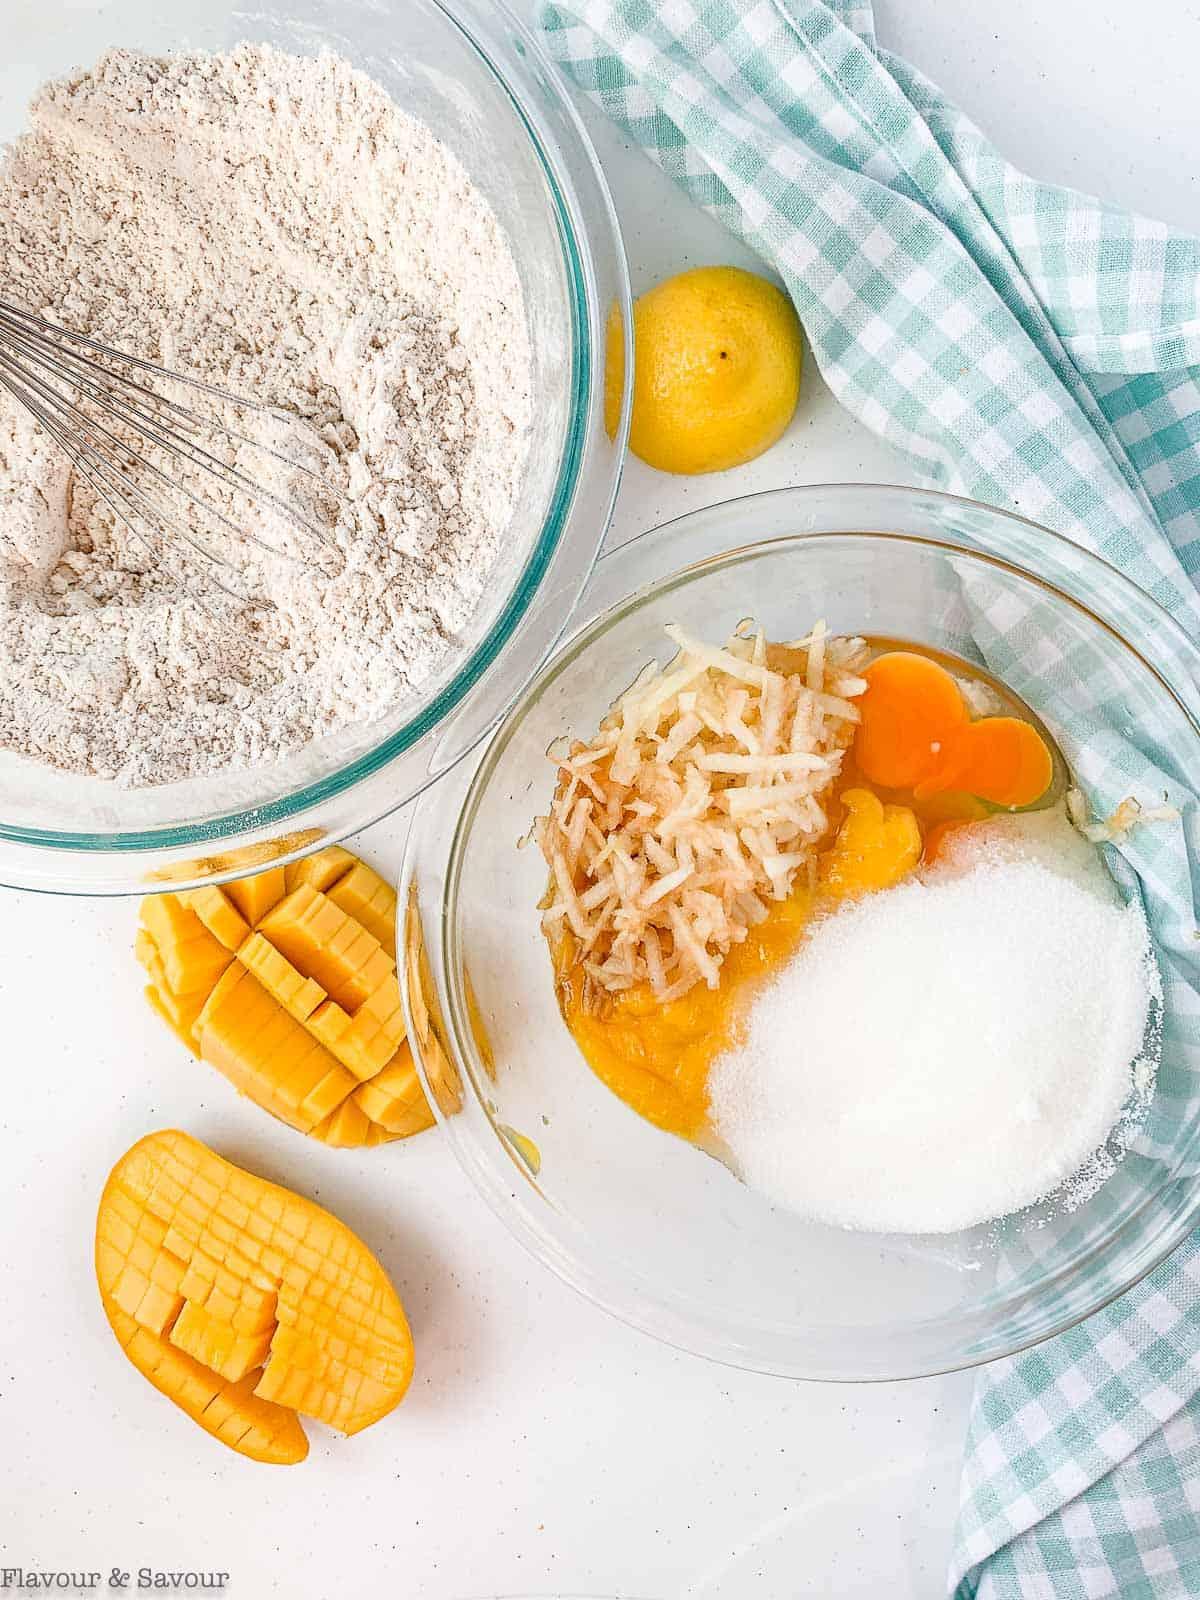 Ingredients for Gluten-Free Mango Muffins